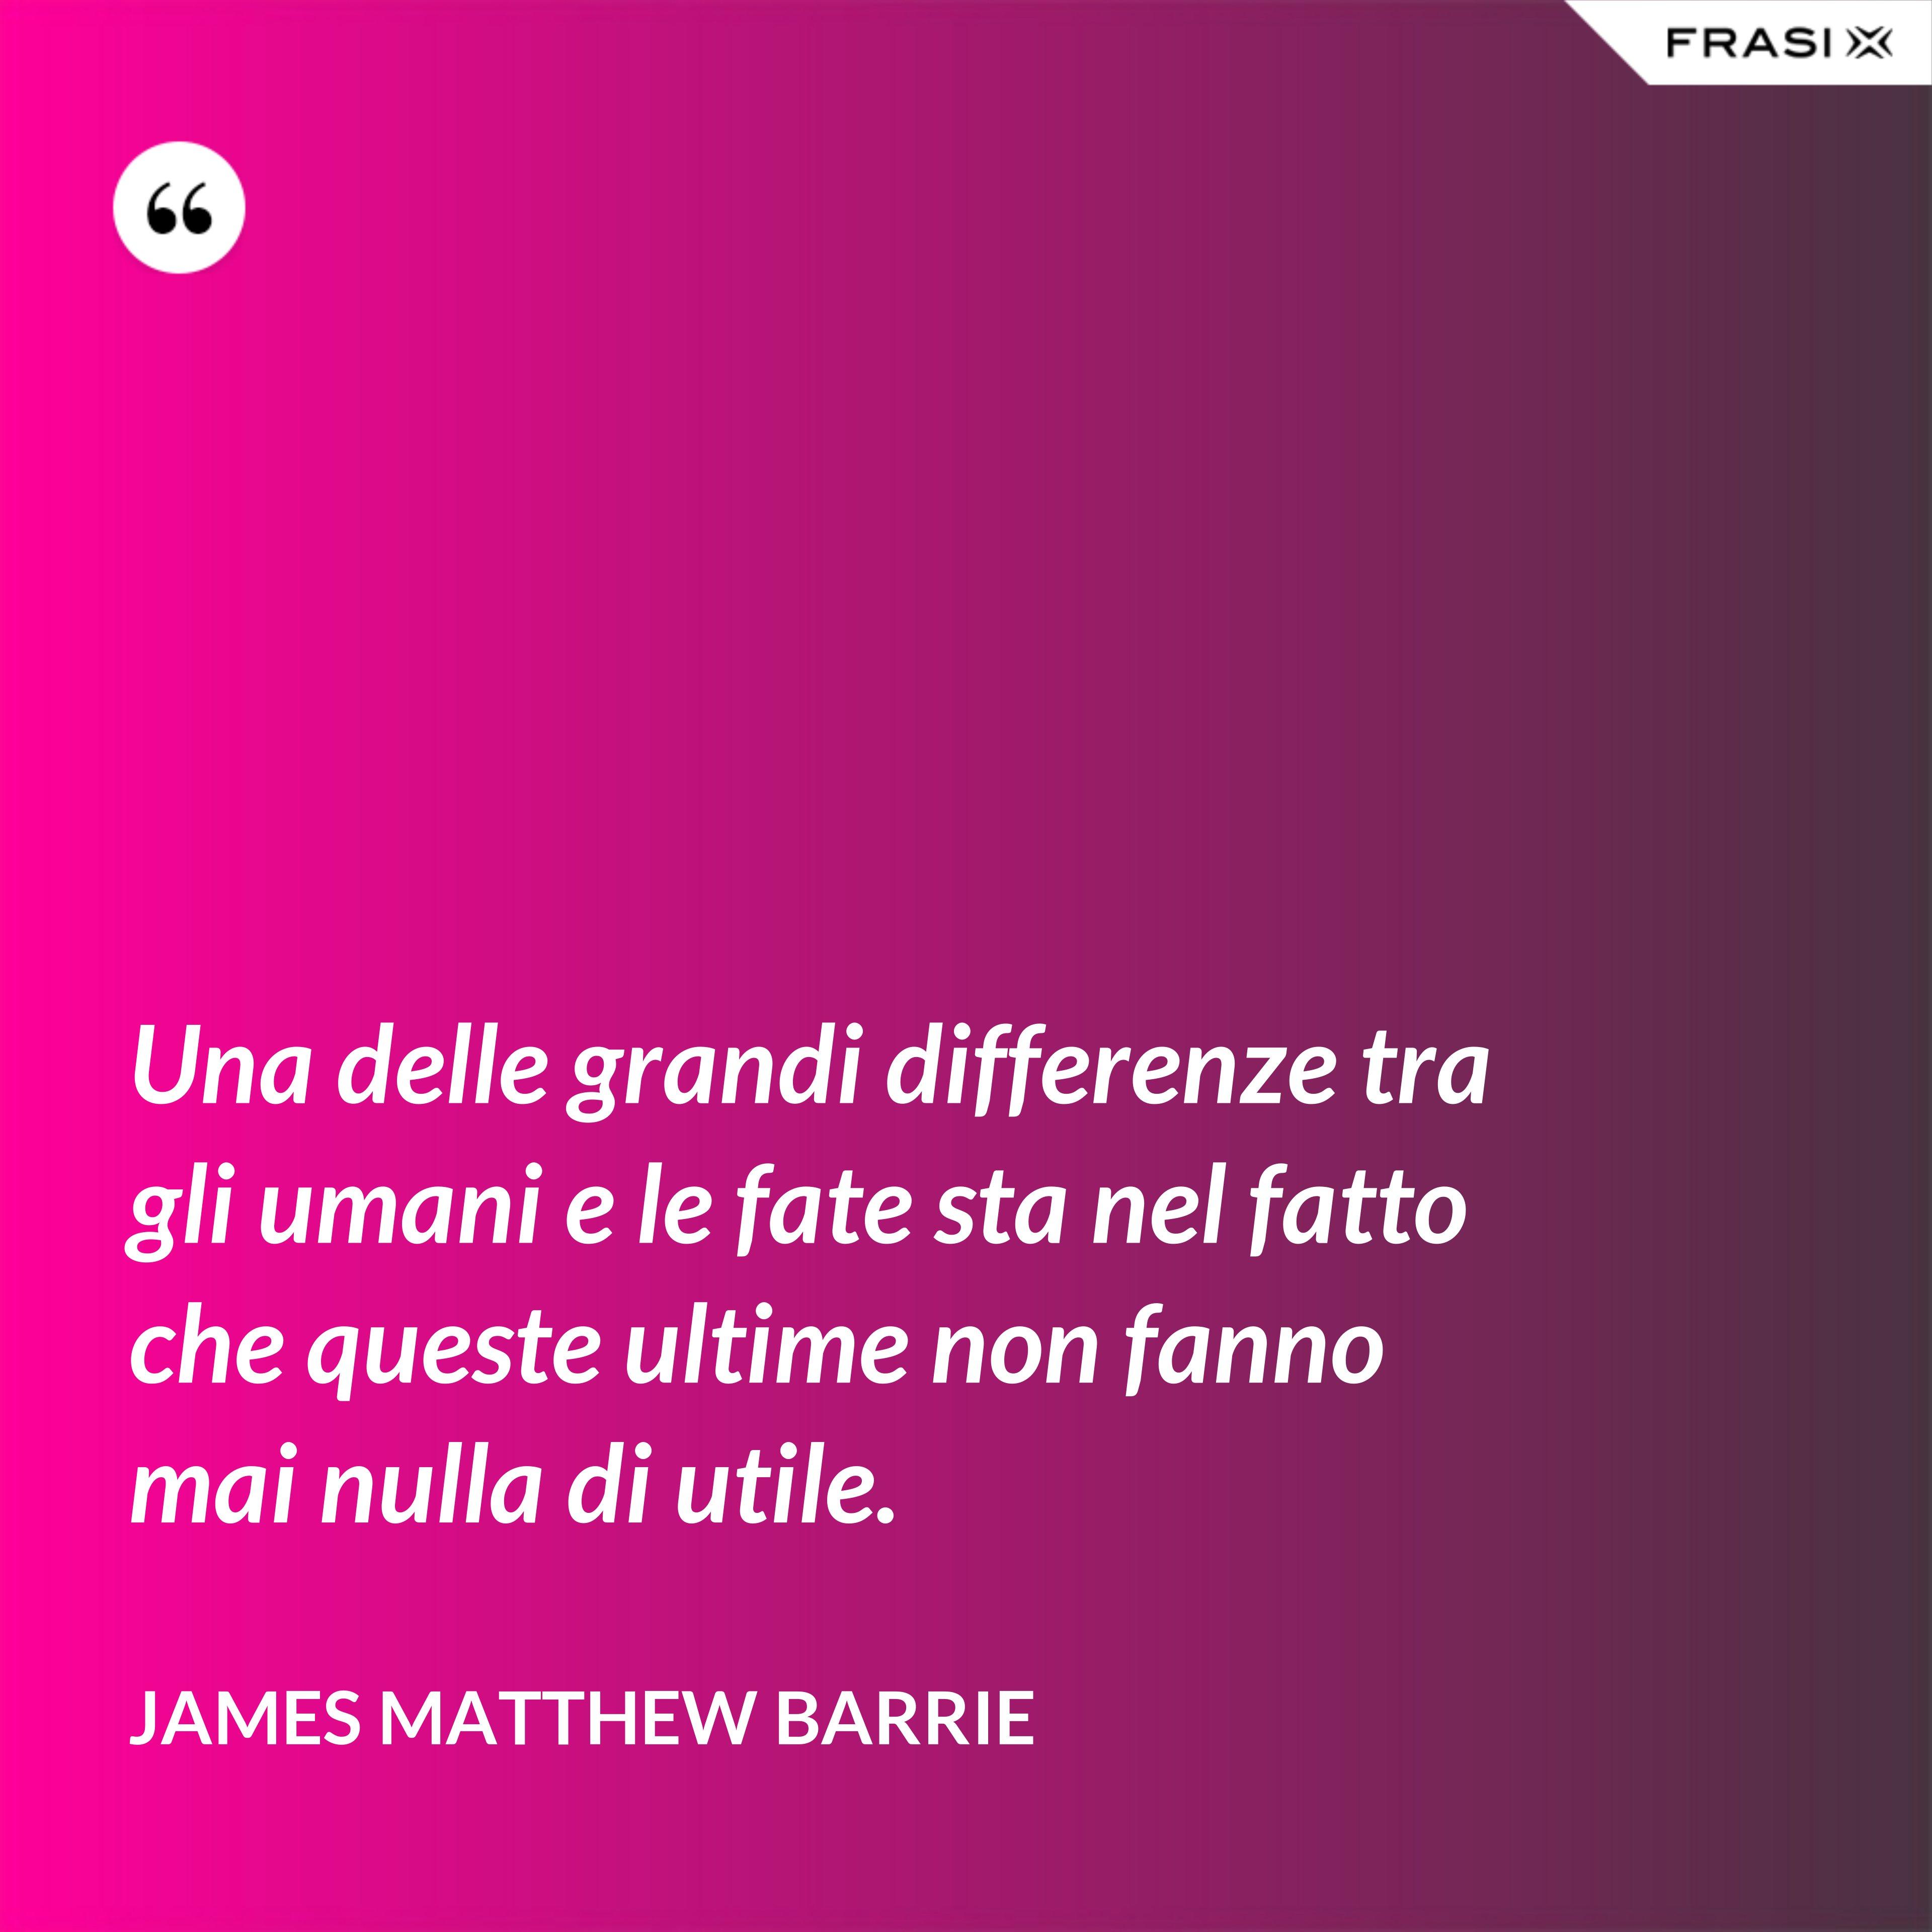 Una delle grandi differenze tra gli umani e le fate sta nel fatto che queste ultime non fanno mai nulla di utile. - James Matthew Barrie